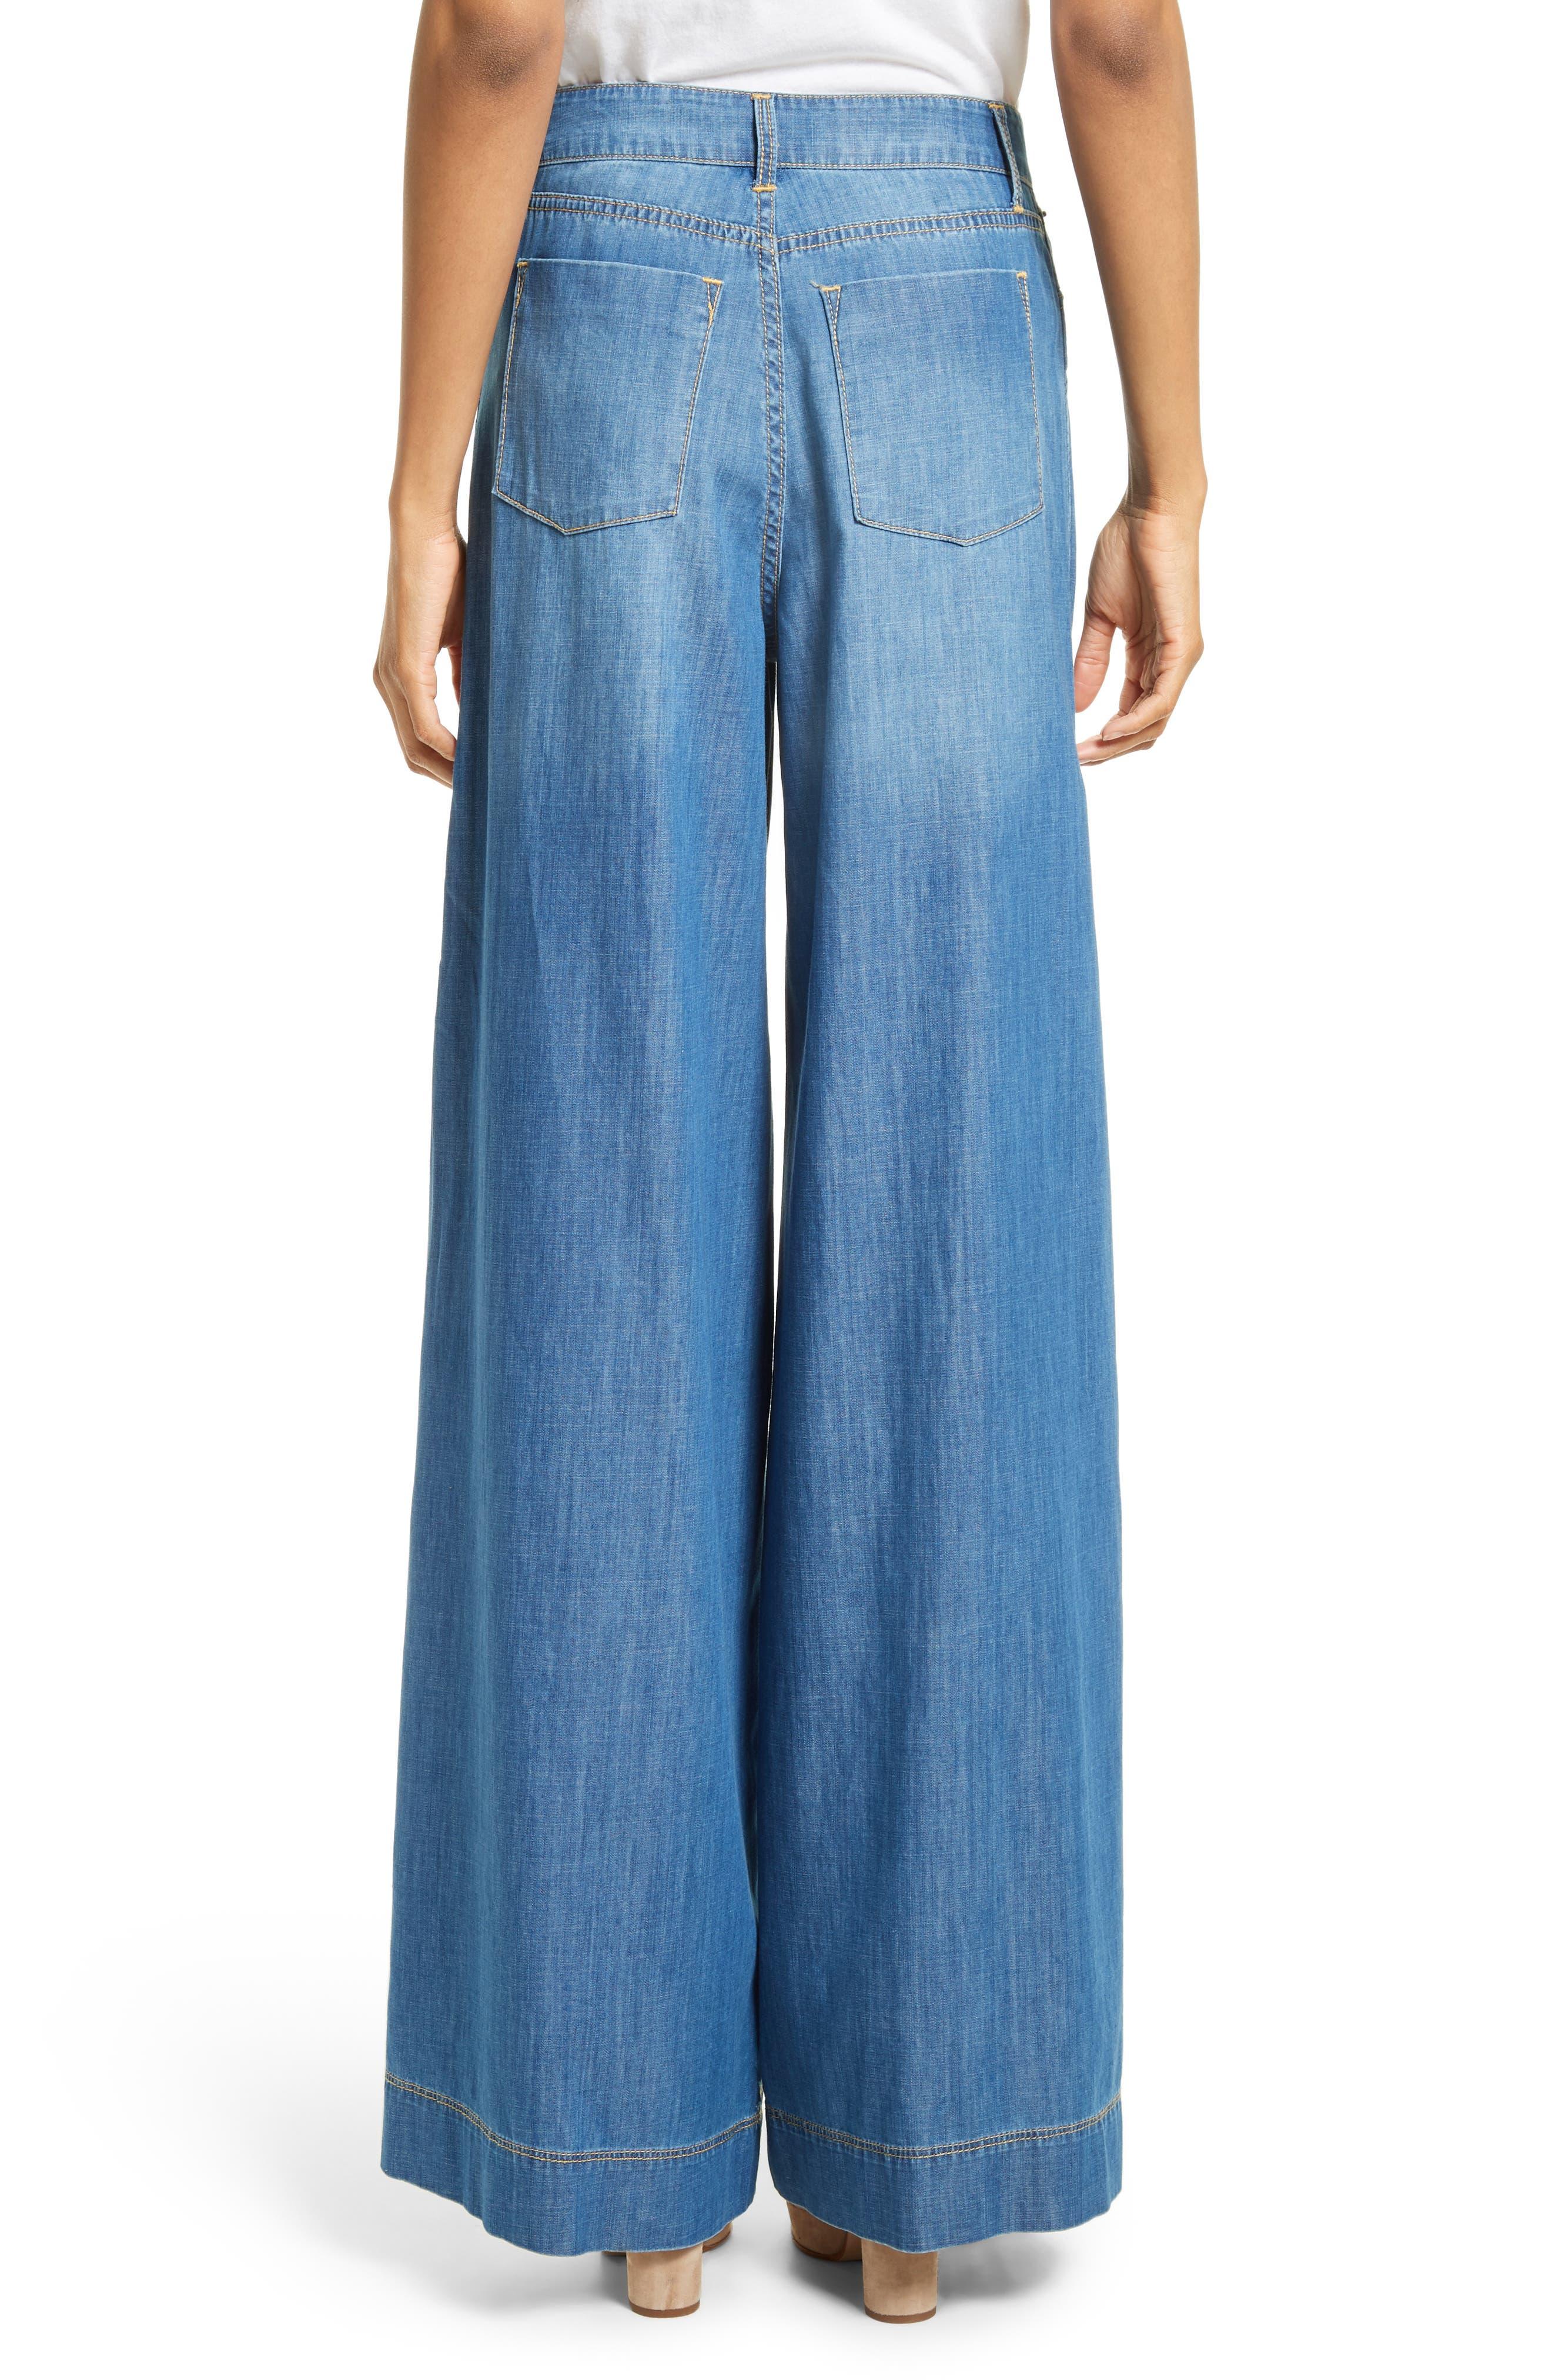 Clarissa Side Slit Wide Leg Jeans,                             Alternate thumbnail 2, color,                             470